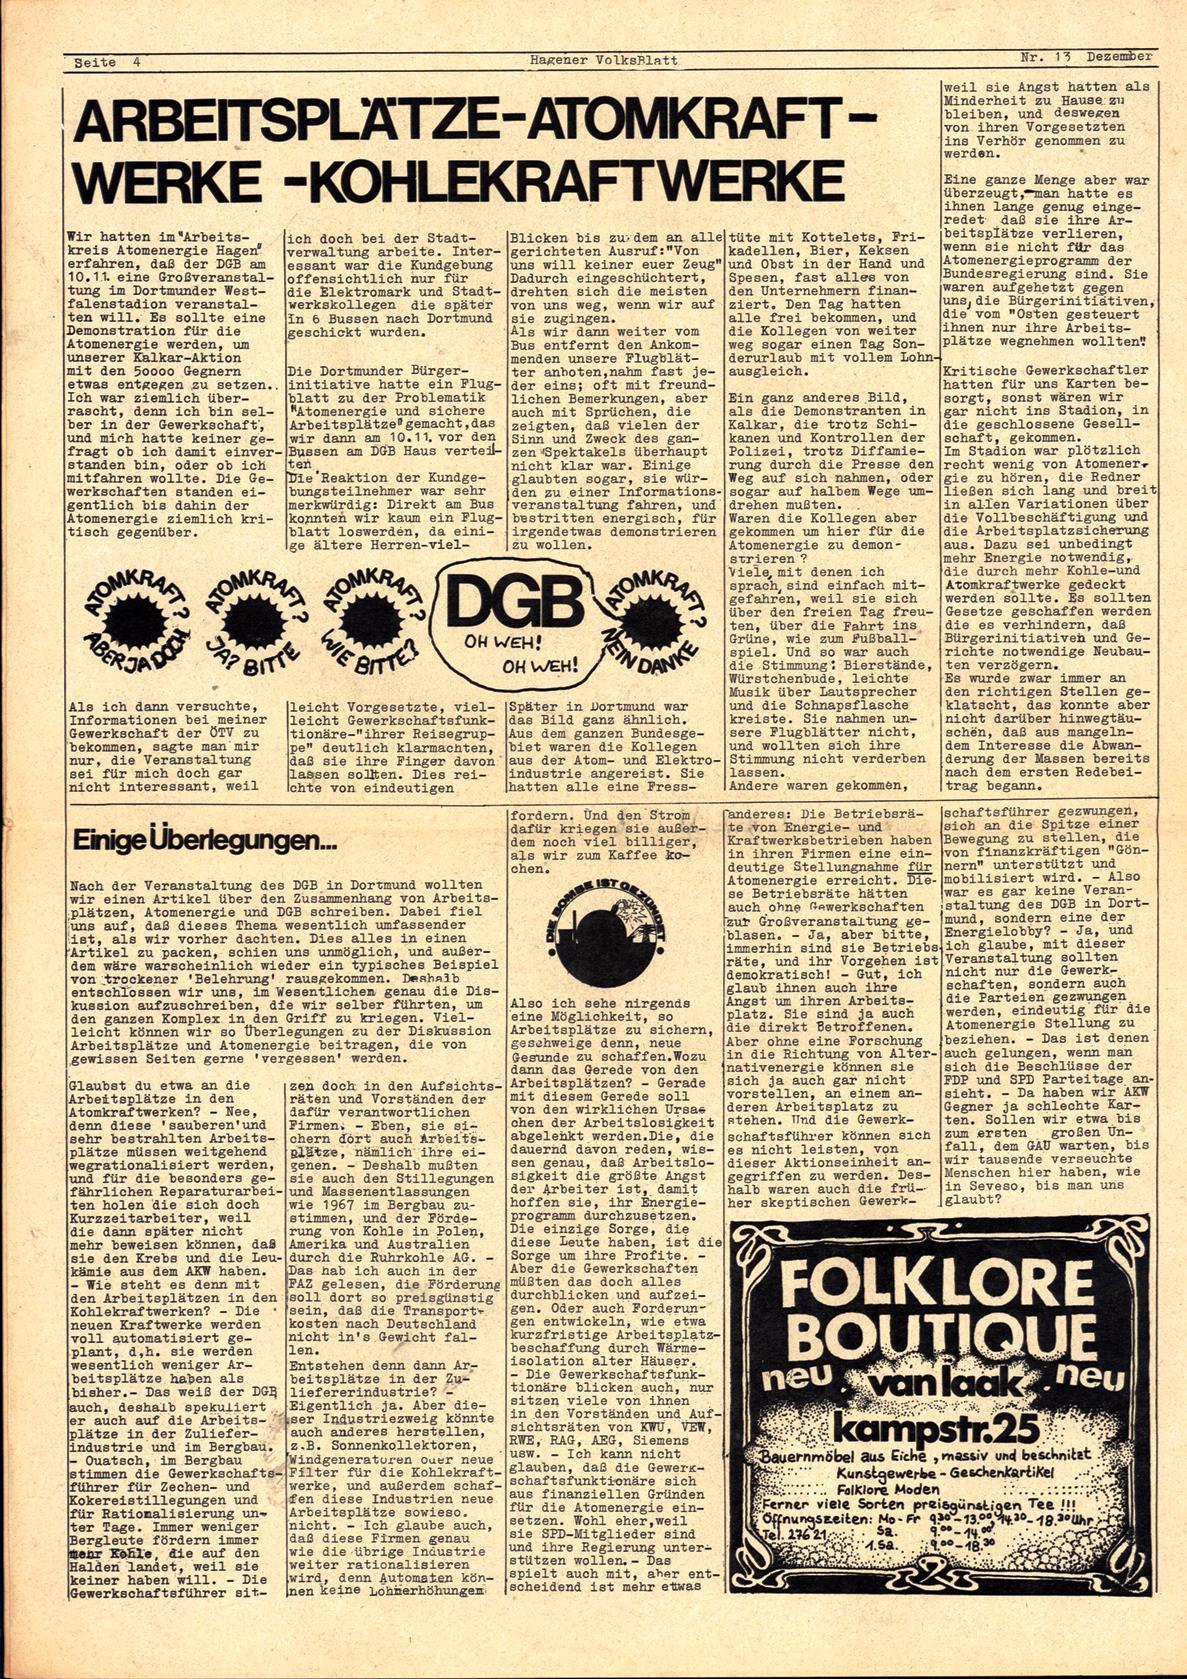 Hagen_Volksblatt_19771200_04